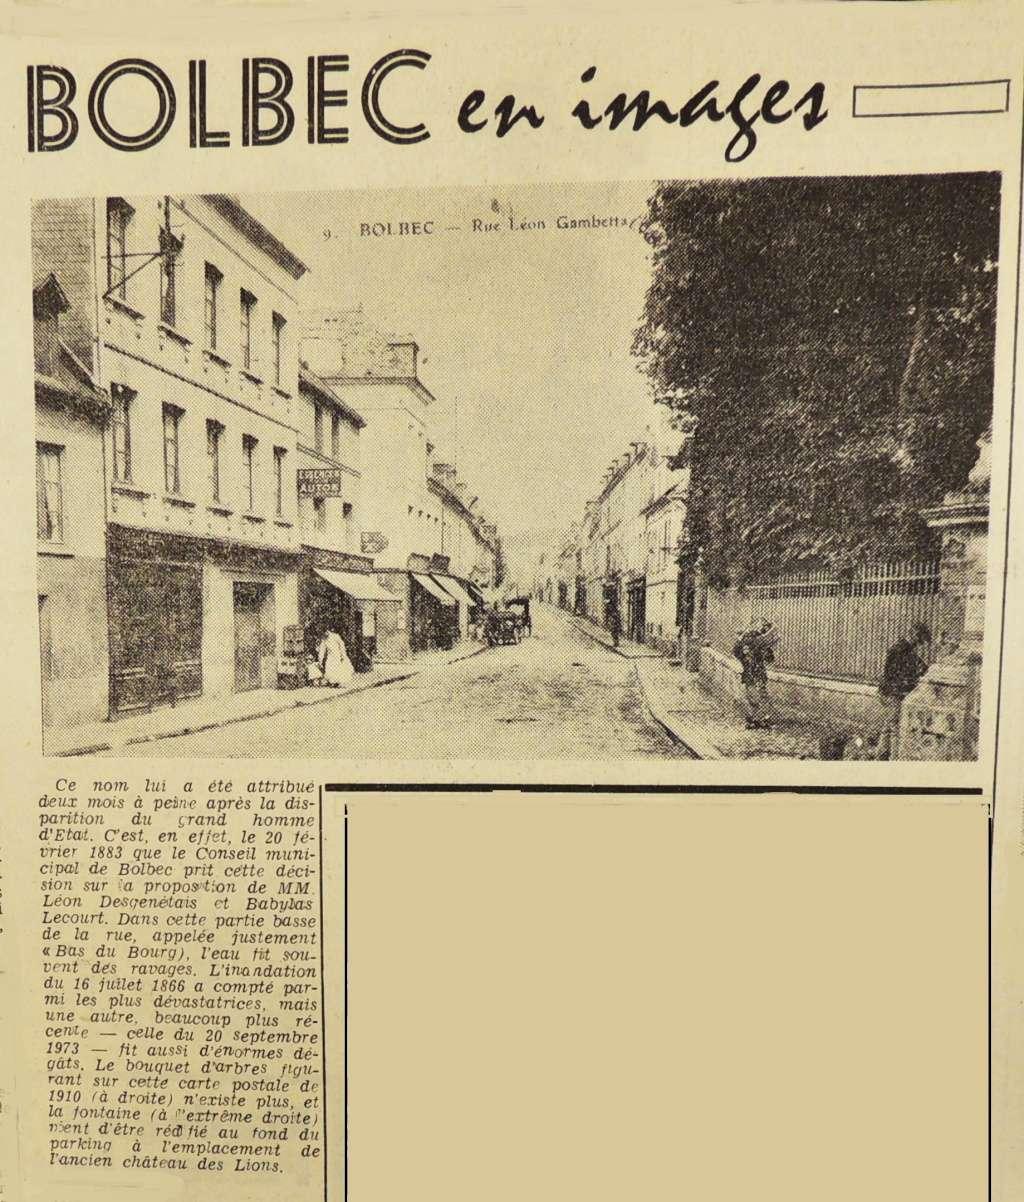 bolbec - Bolbec - Bas du Bourg > Rue Léon Gambetta 1975-010